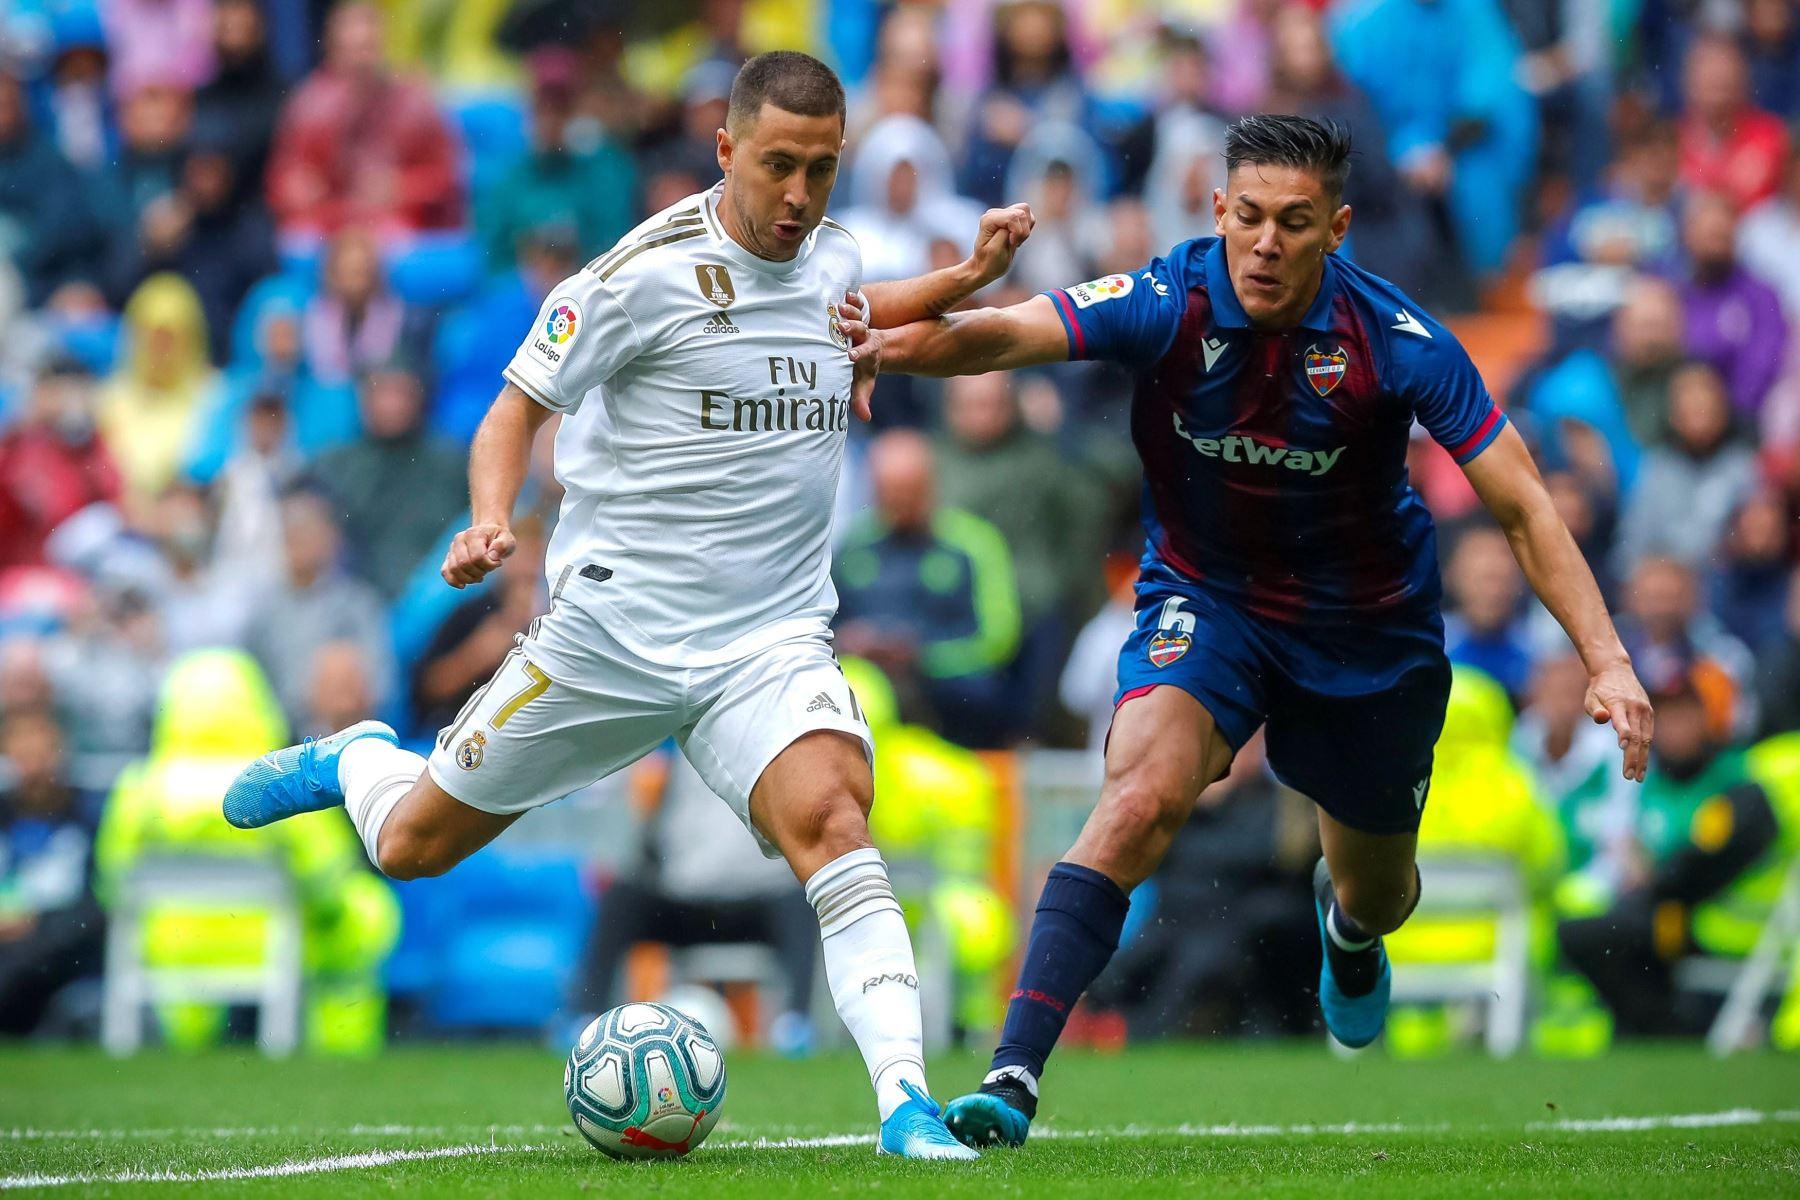 Real Madrid vence 3-2 al Levante con un doblete de Benzema. El delantero belga Eden Hazard controla el balón ante el jugador costarricense del Levante Duartea en la cuarta jornada de La Liga Santander. Foto: EFE. Foto: EFE